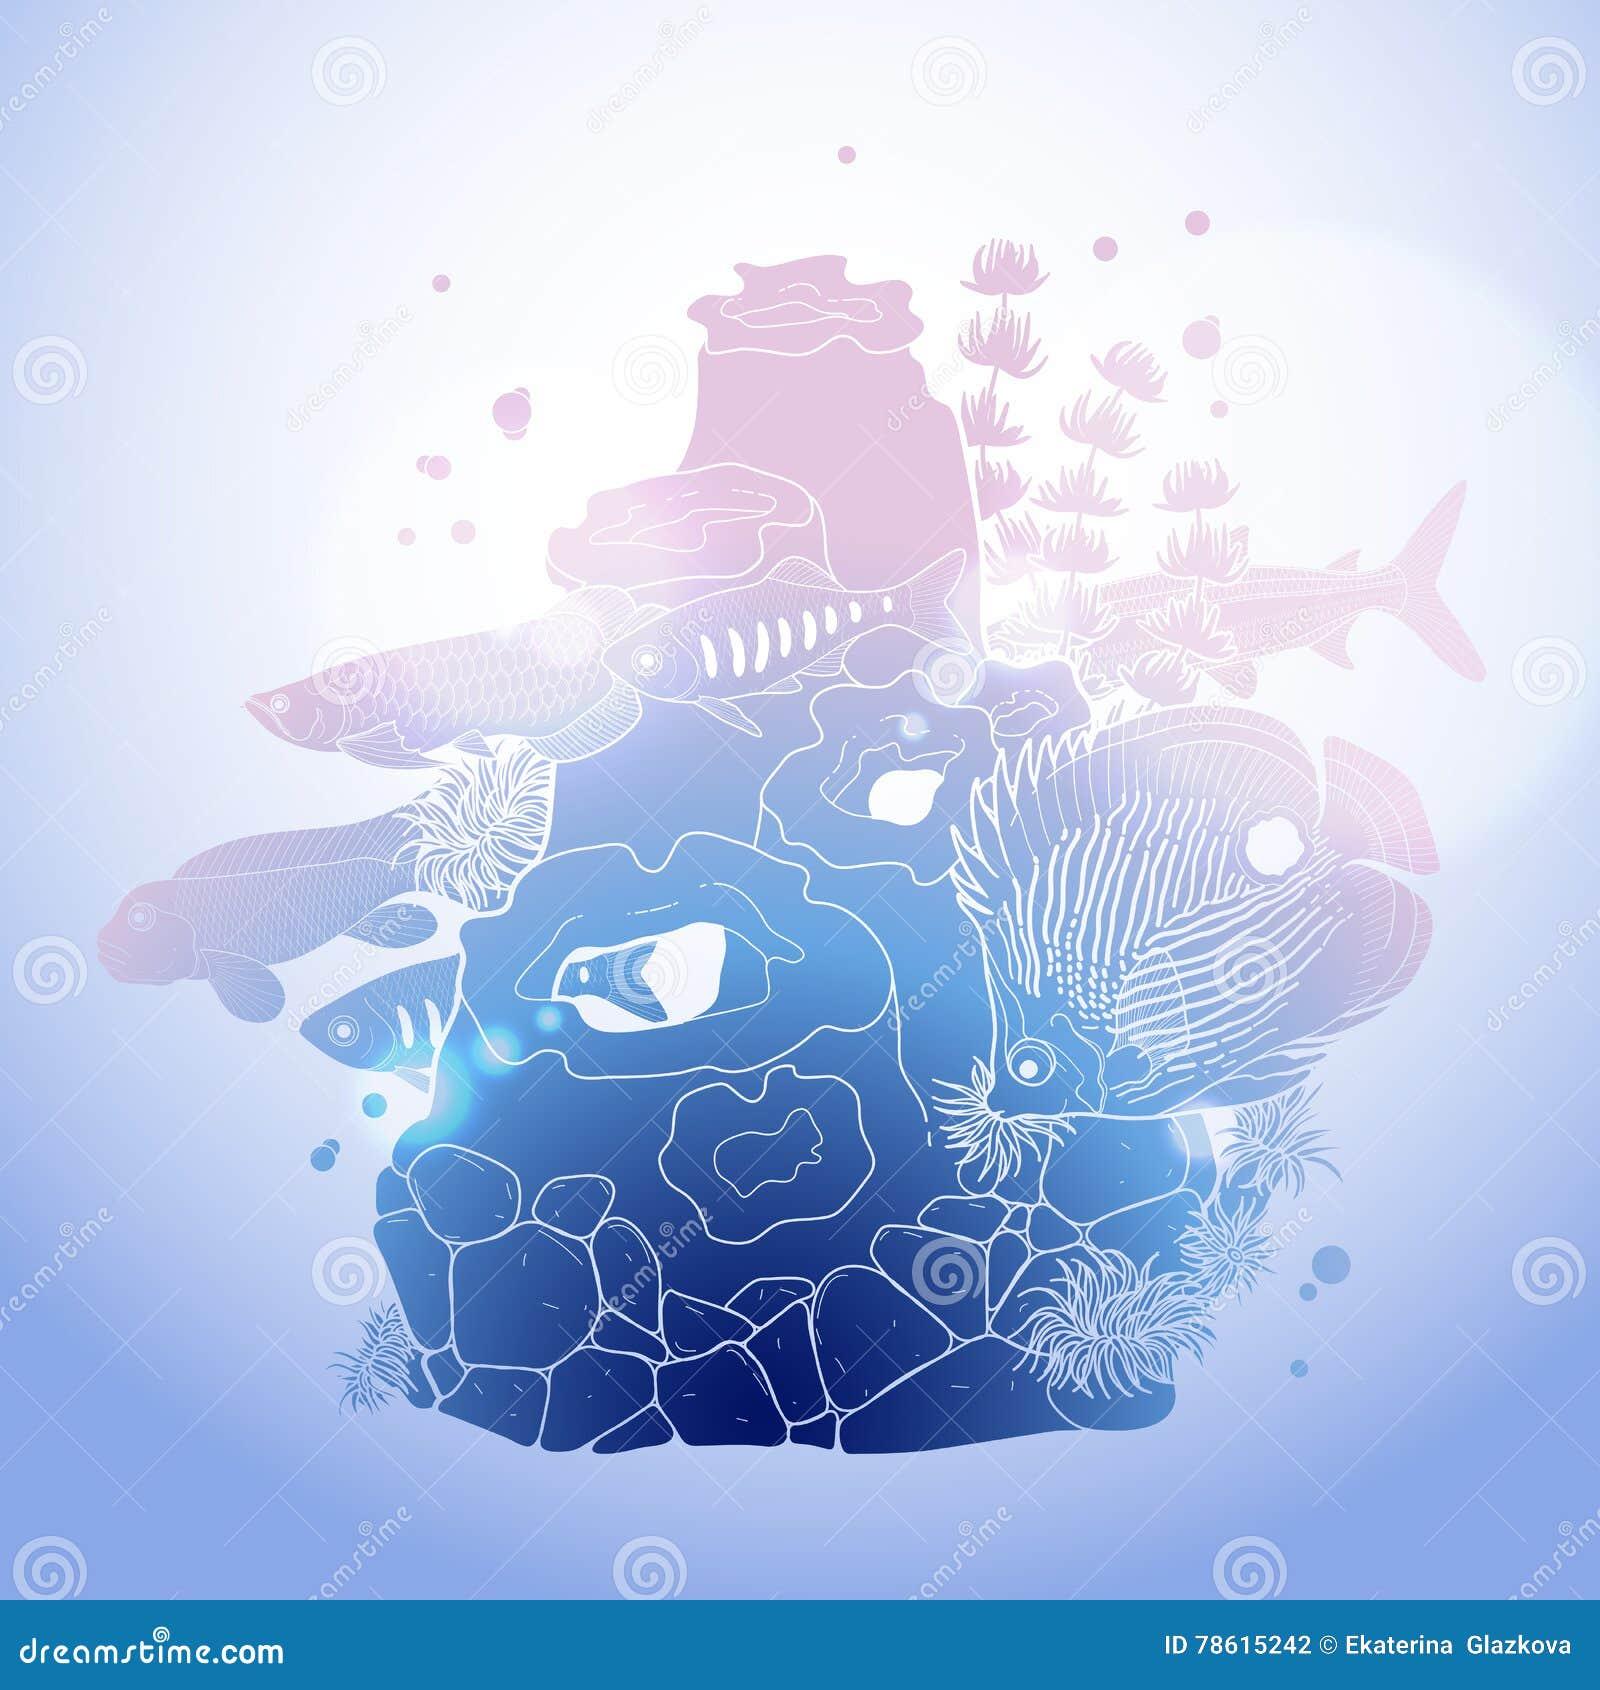 Line Art Underwater : Graphic aquarium fish with coral reef vector illustration